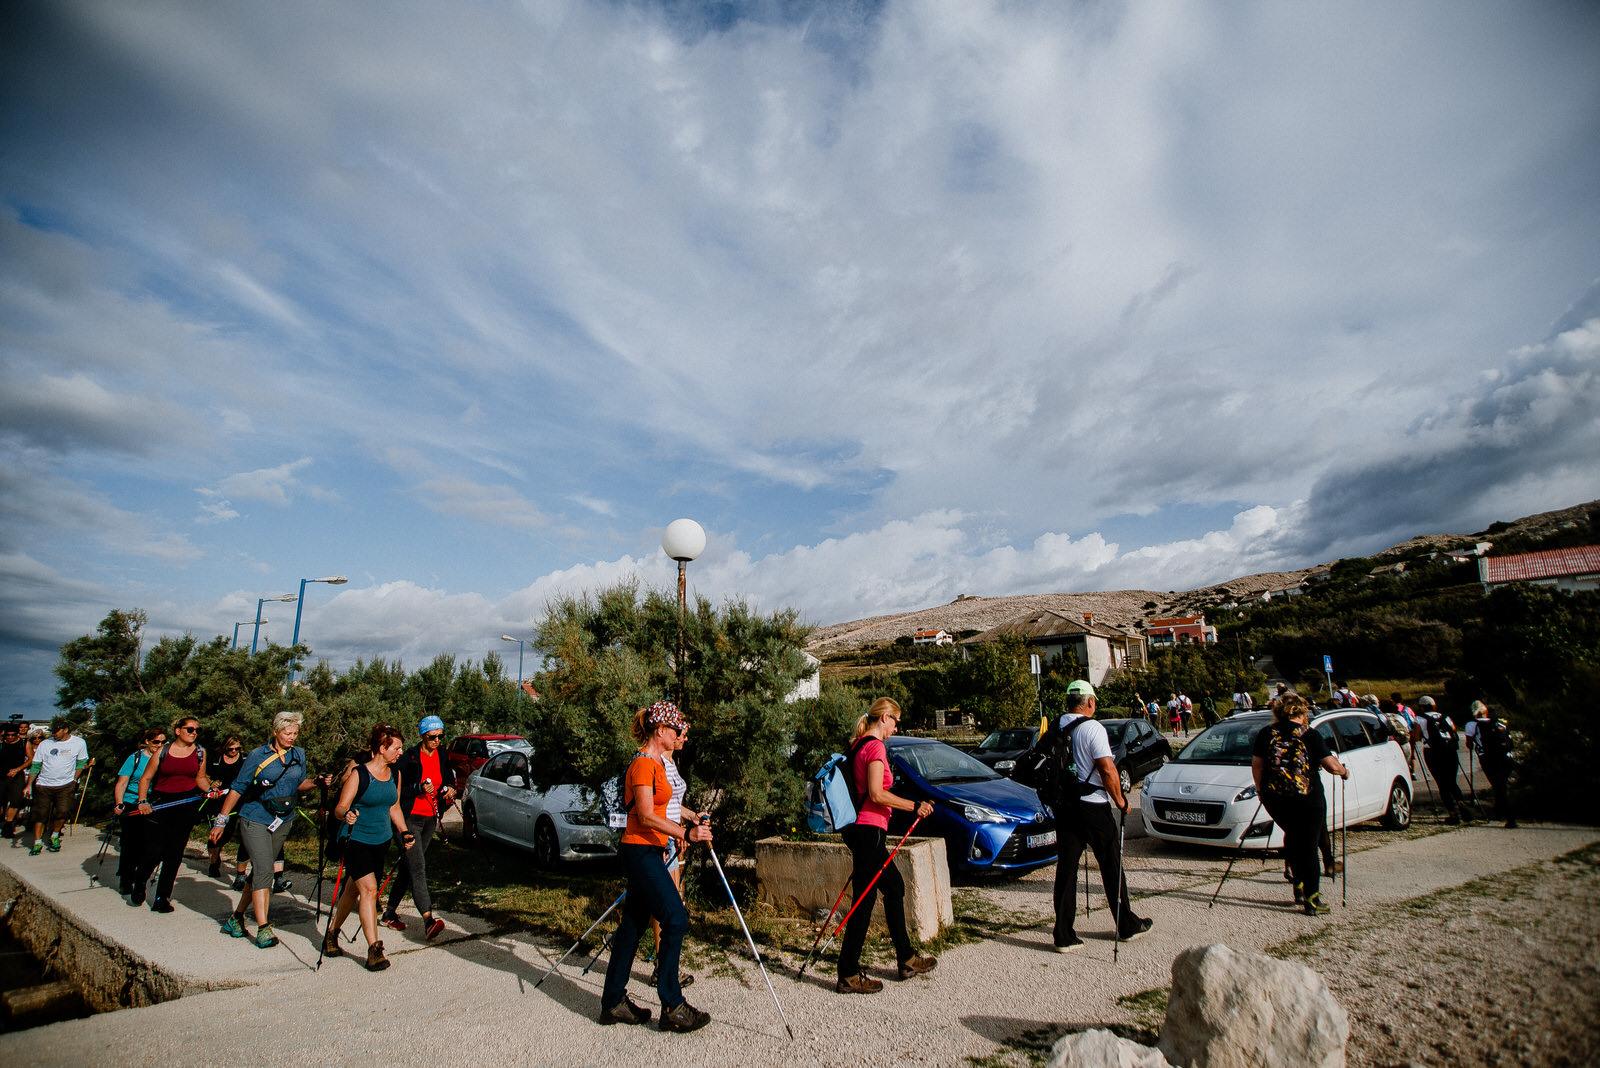 likaclub_nordijsko-hodanje-mjesečevim-otokom_pag-2019-24